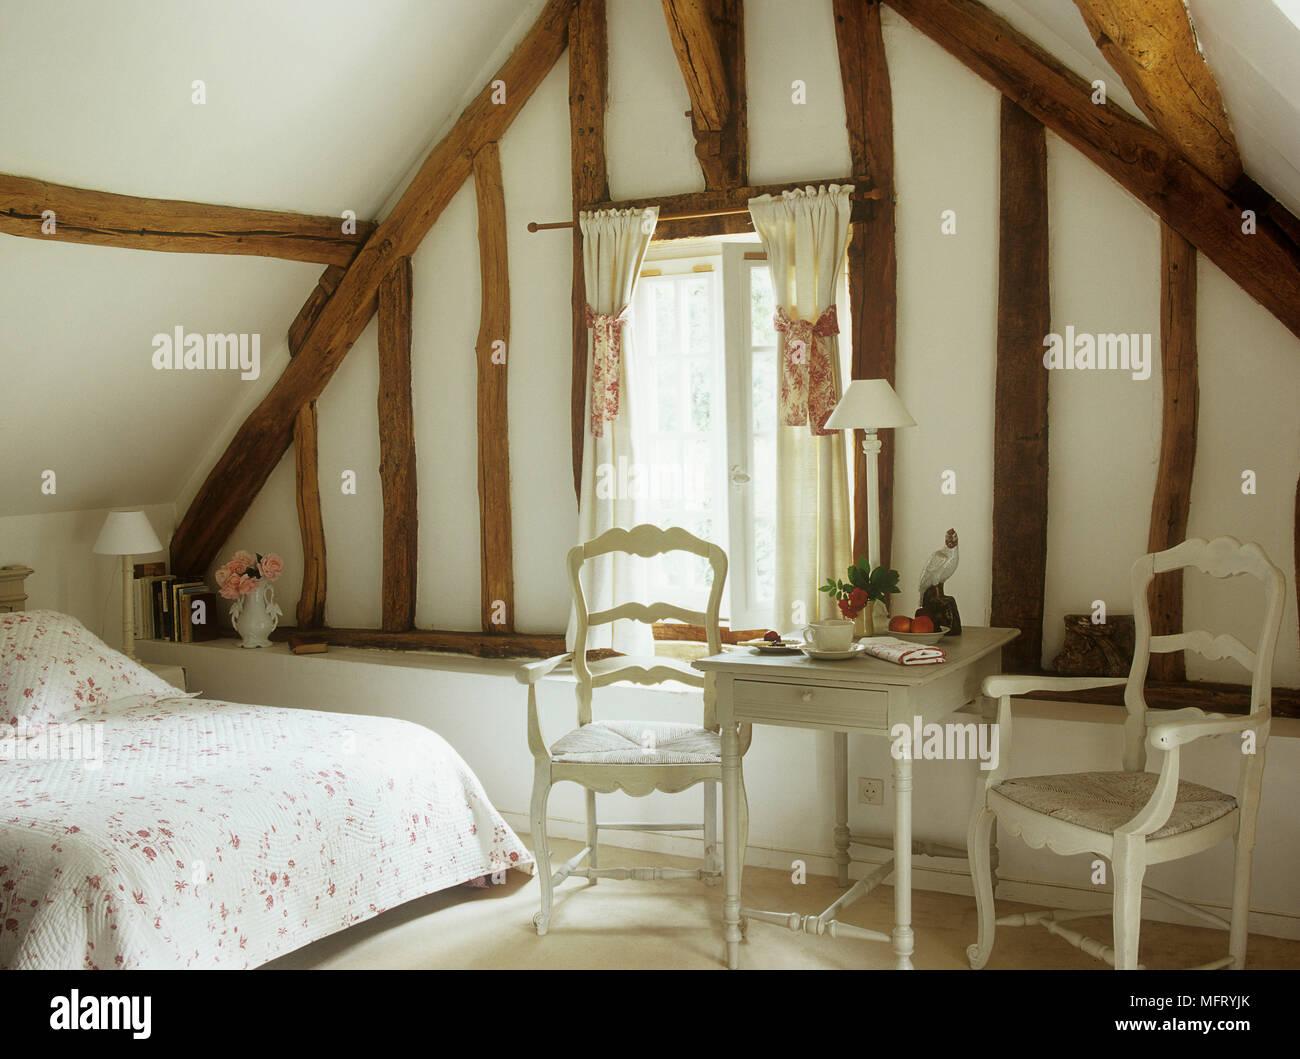 Paese francese camera da letto con travi letto copriletto floreali ...